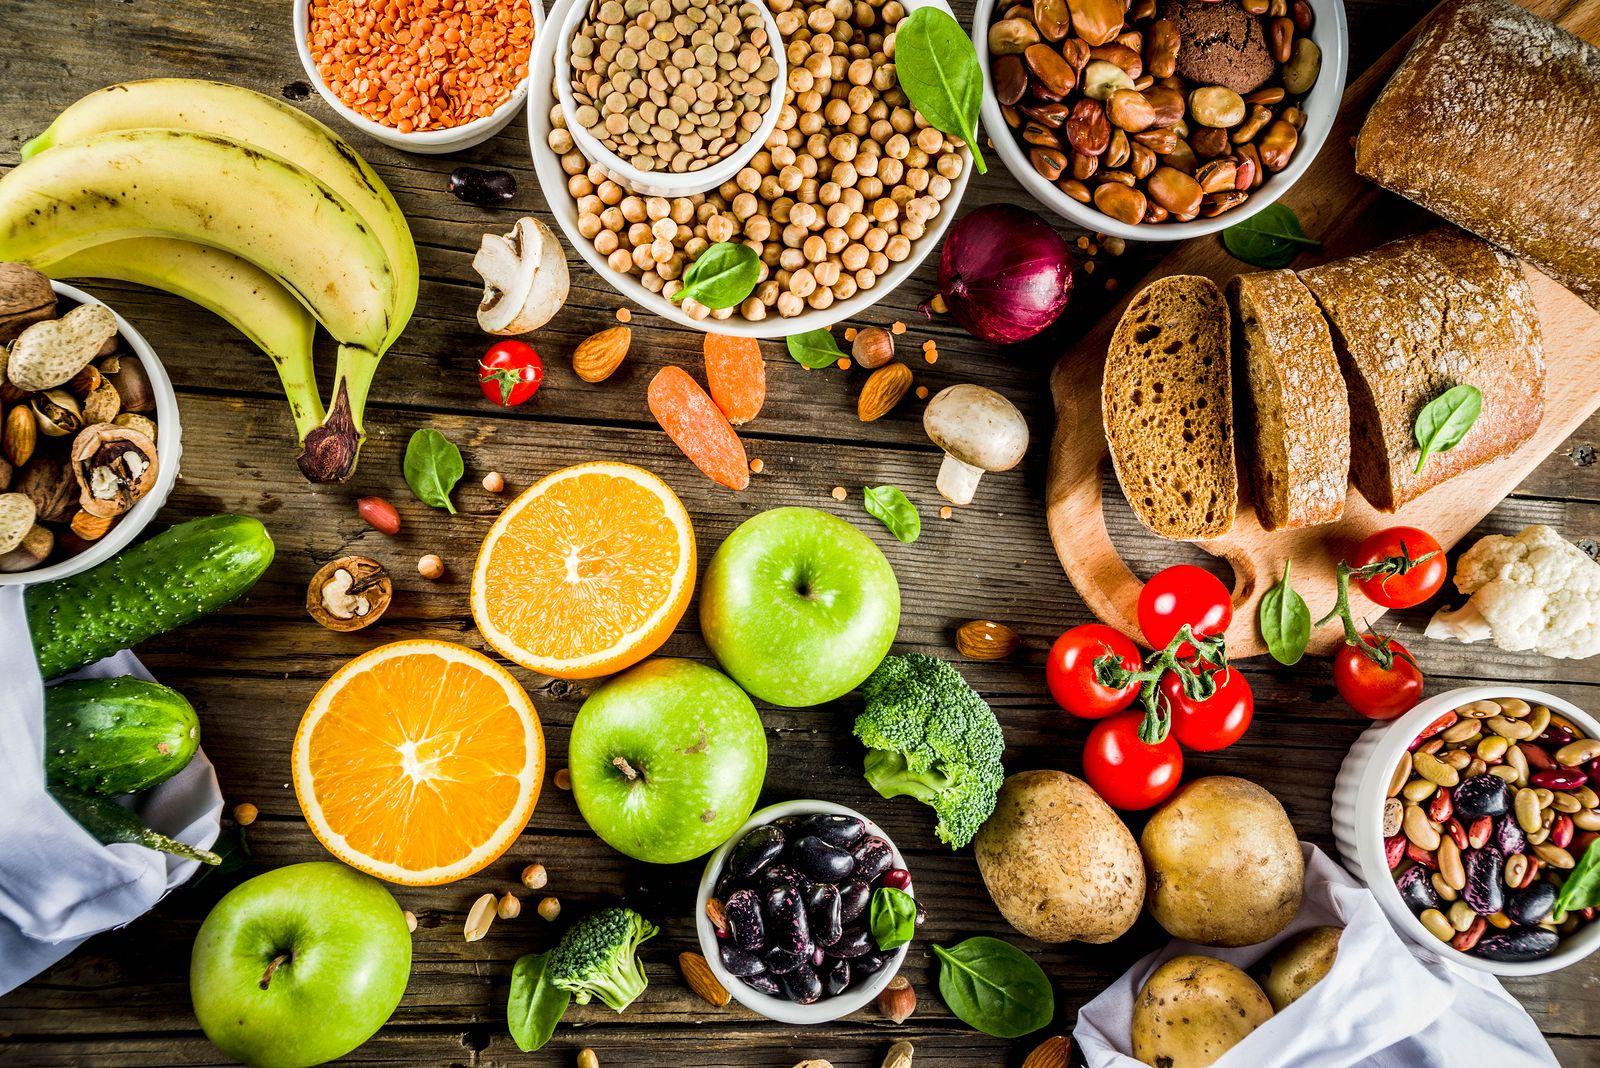 Cuales son los alimentos con proteinas para adelgazar 10 kilos